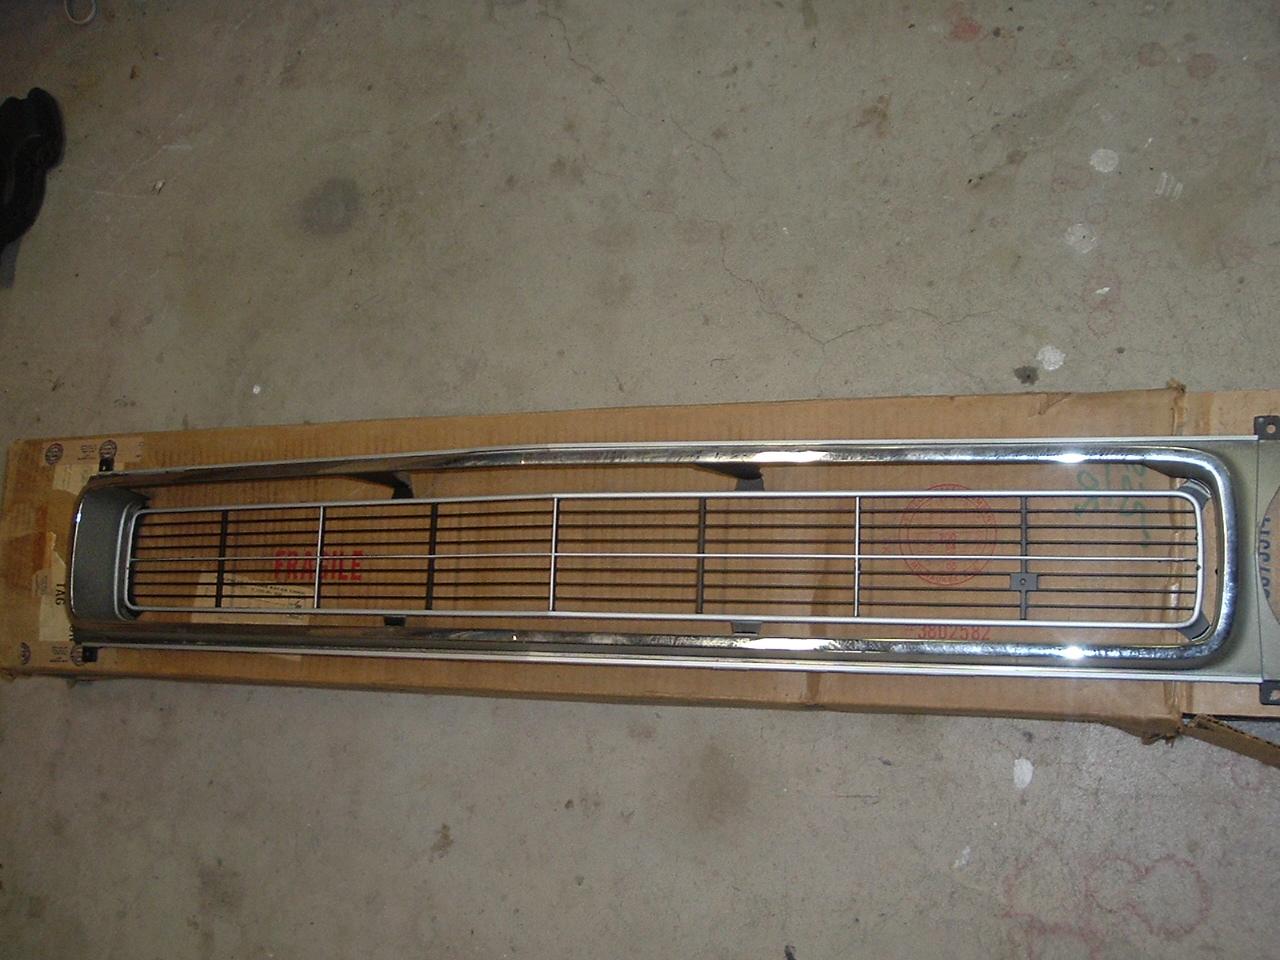 1967 Rambler REbel SST grille nos 3575514 4 (a 3575514)